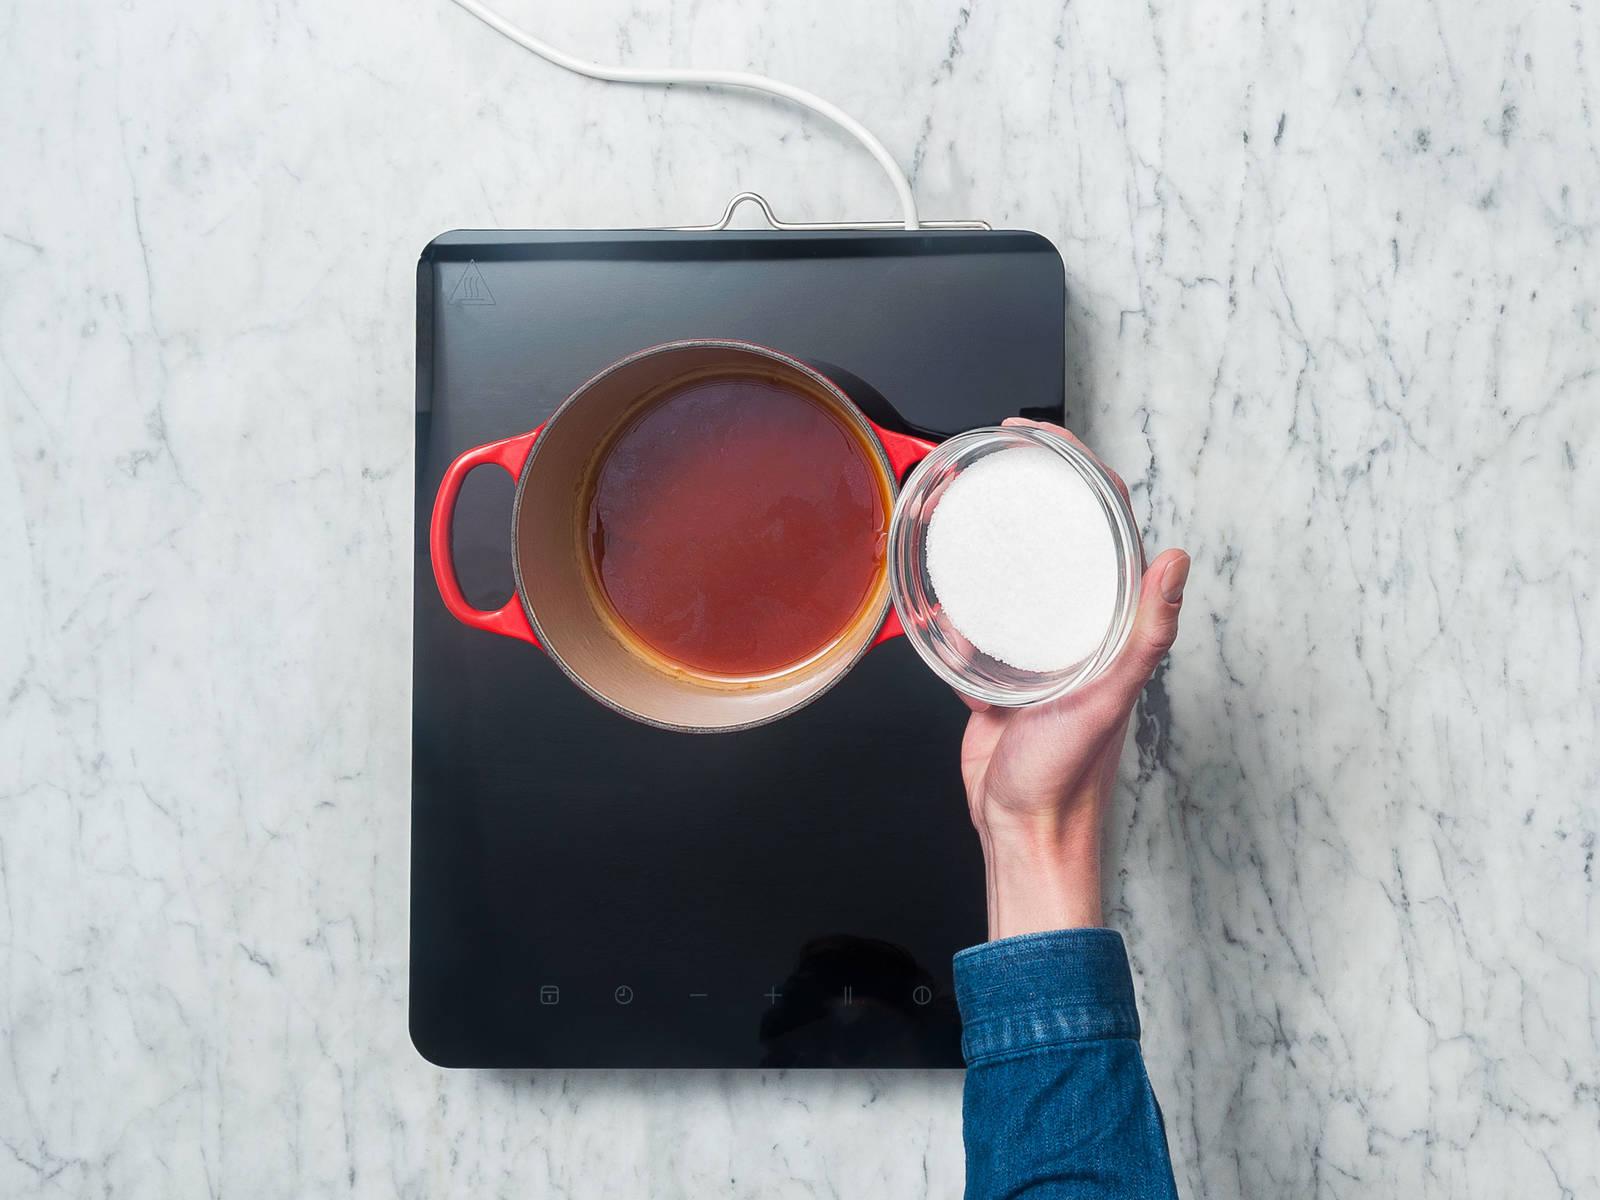 将水倒入小汤锅中煮沸。放入一包红茶,泡5分钟,然后拿出。放糖,搅拌至完全融化。继续小火煮5分钟,然后置于一旁放凉。